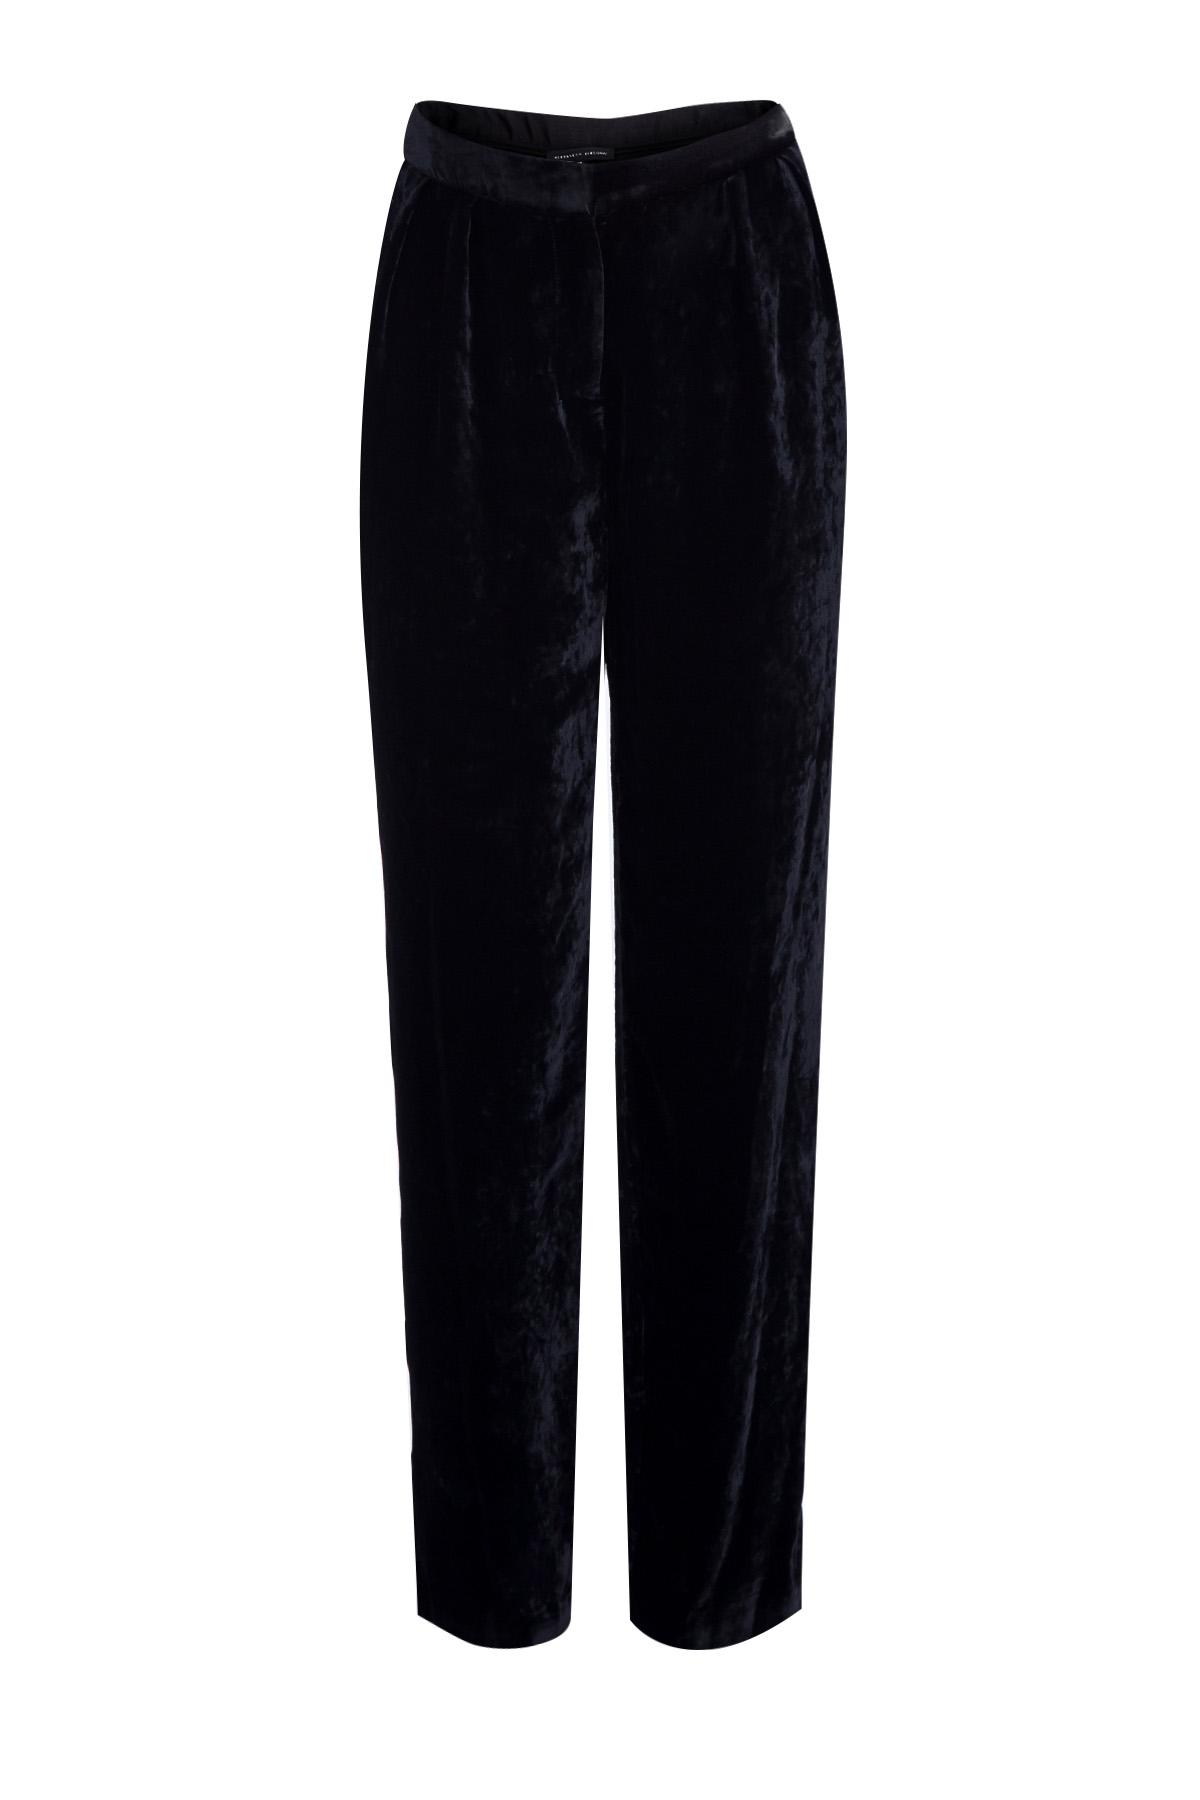 63f9c1969bea Женские прямые брюки из бархата с заложенными от талии складками ...